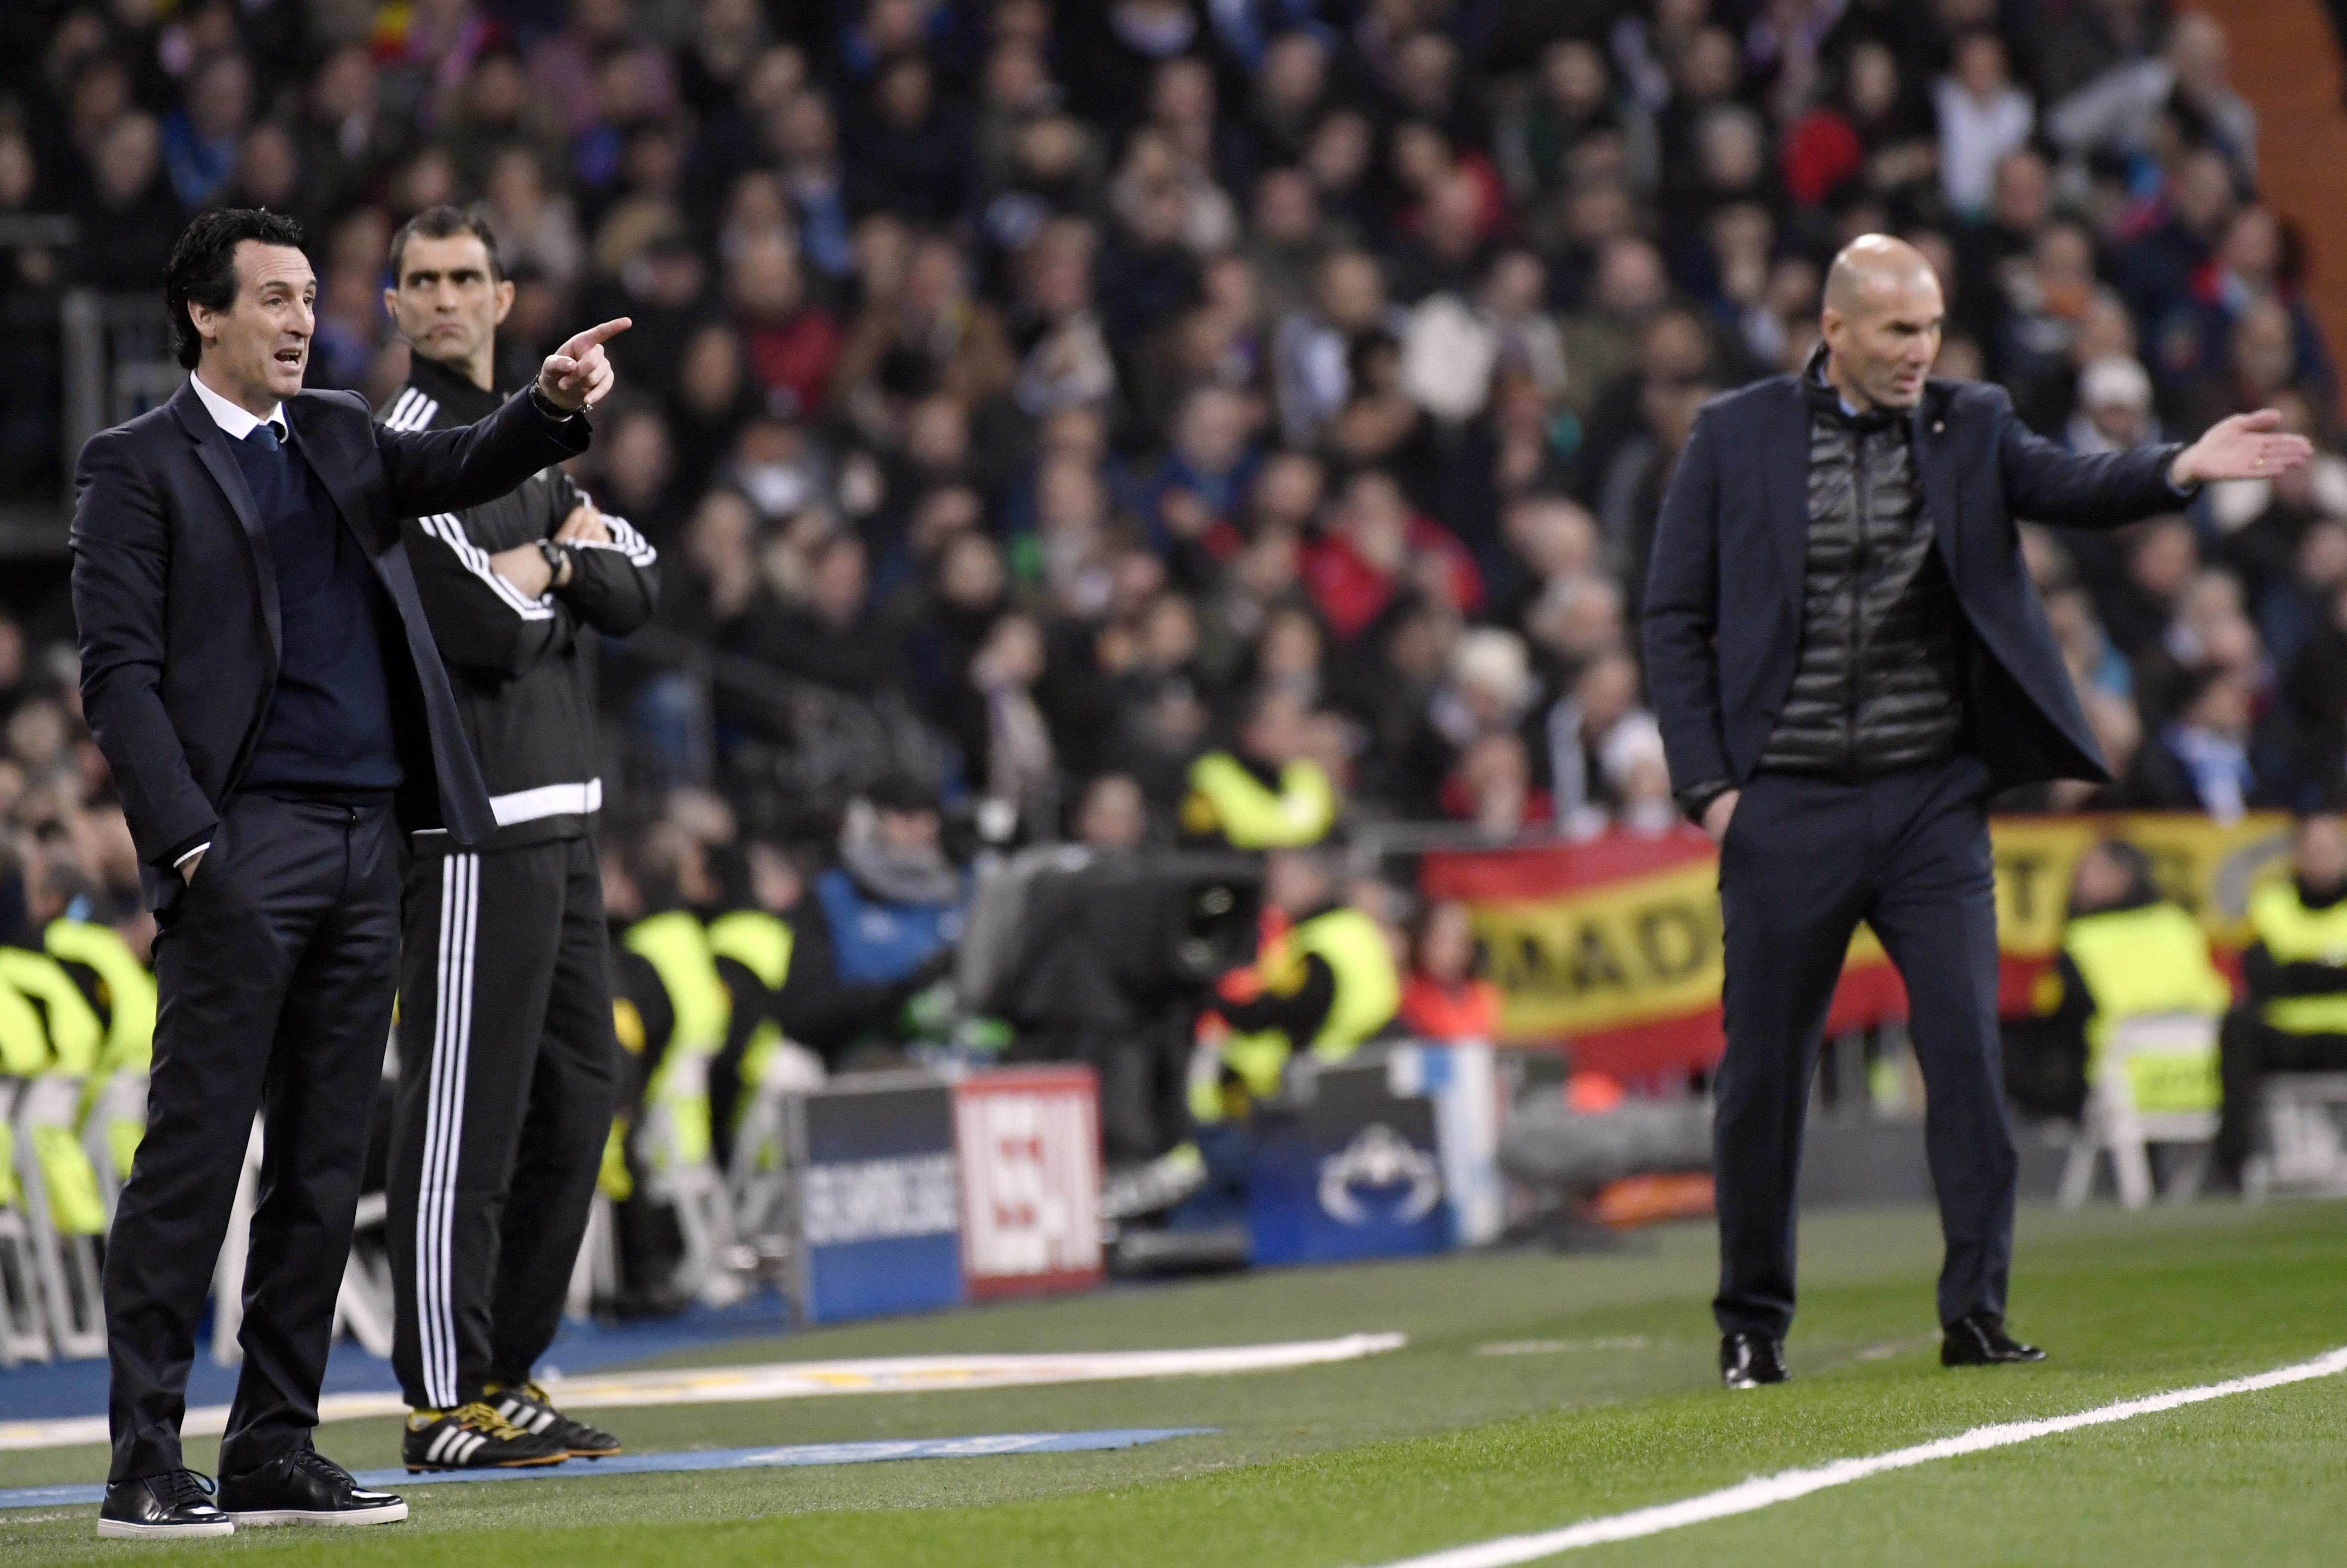 Zidane Emery